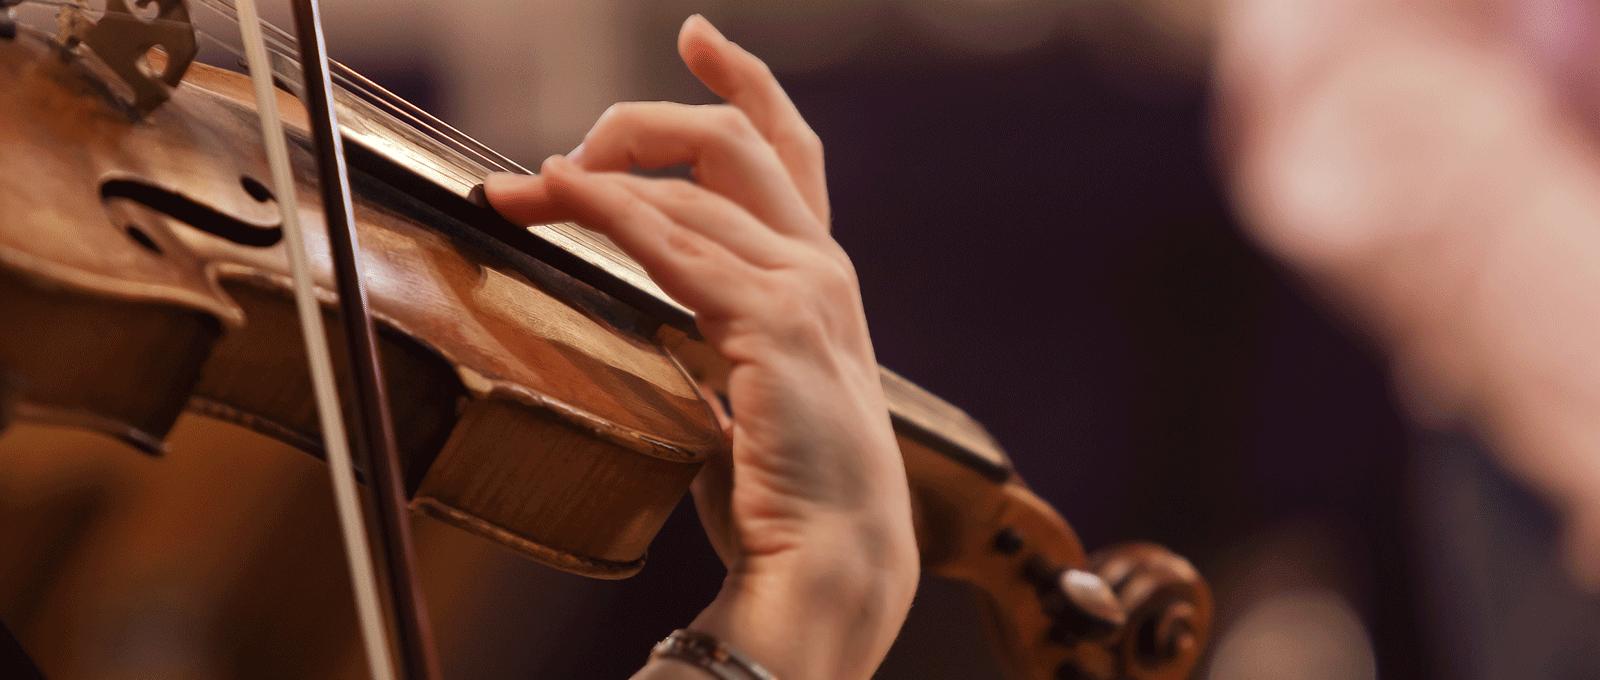 ヴァイオリン画像